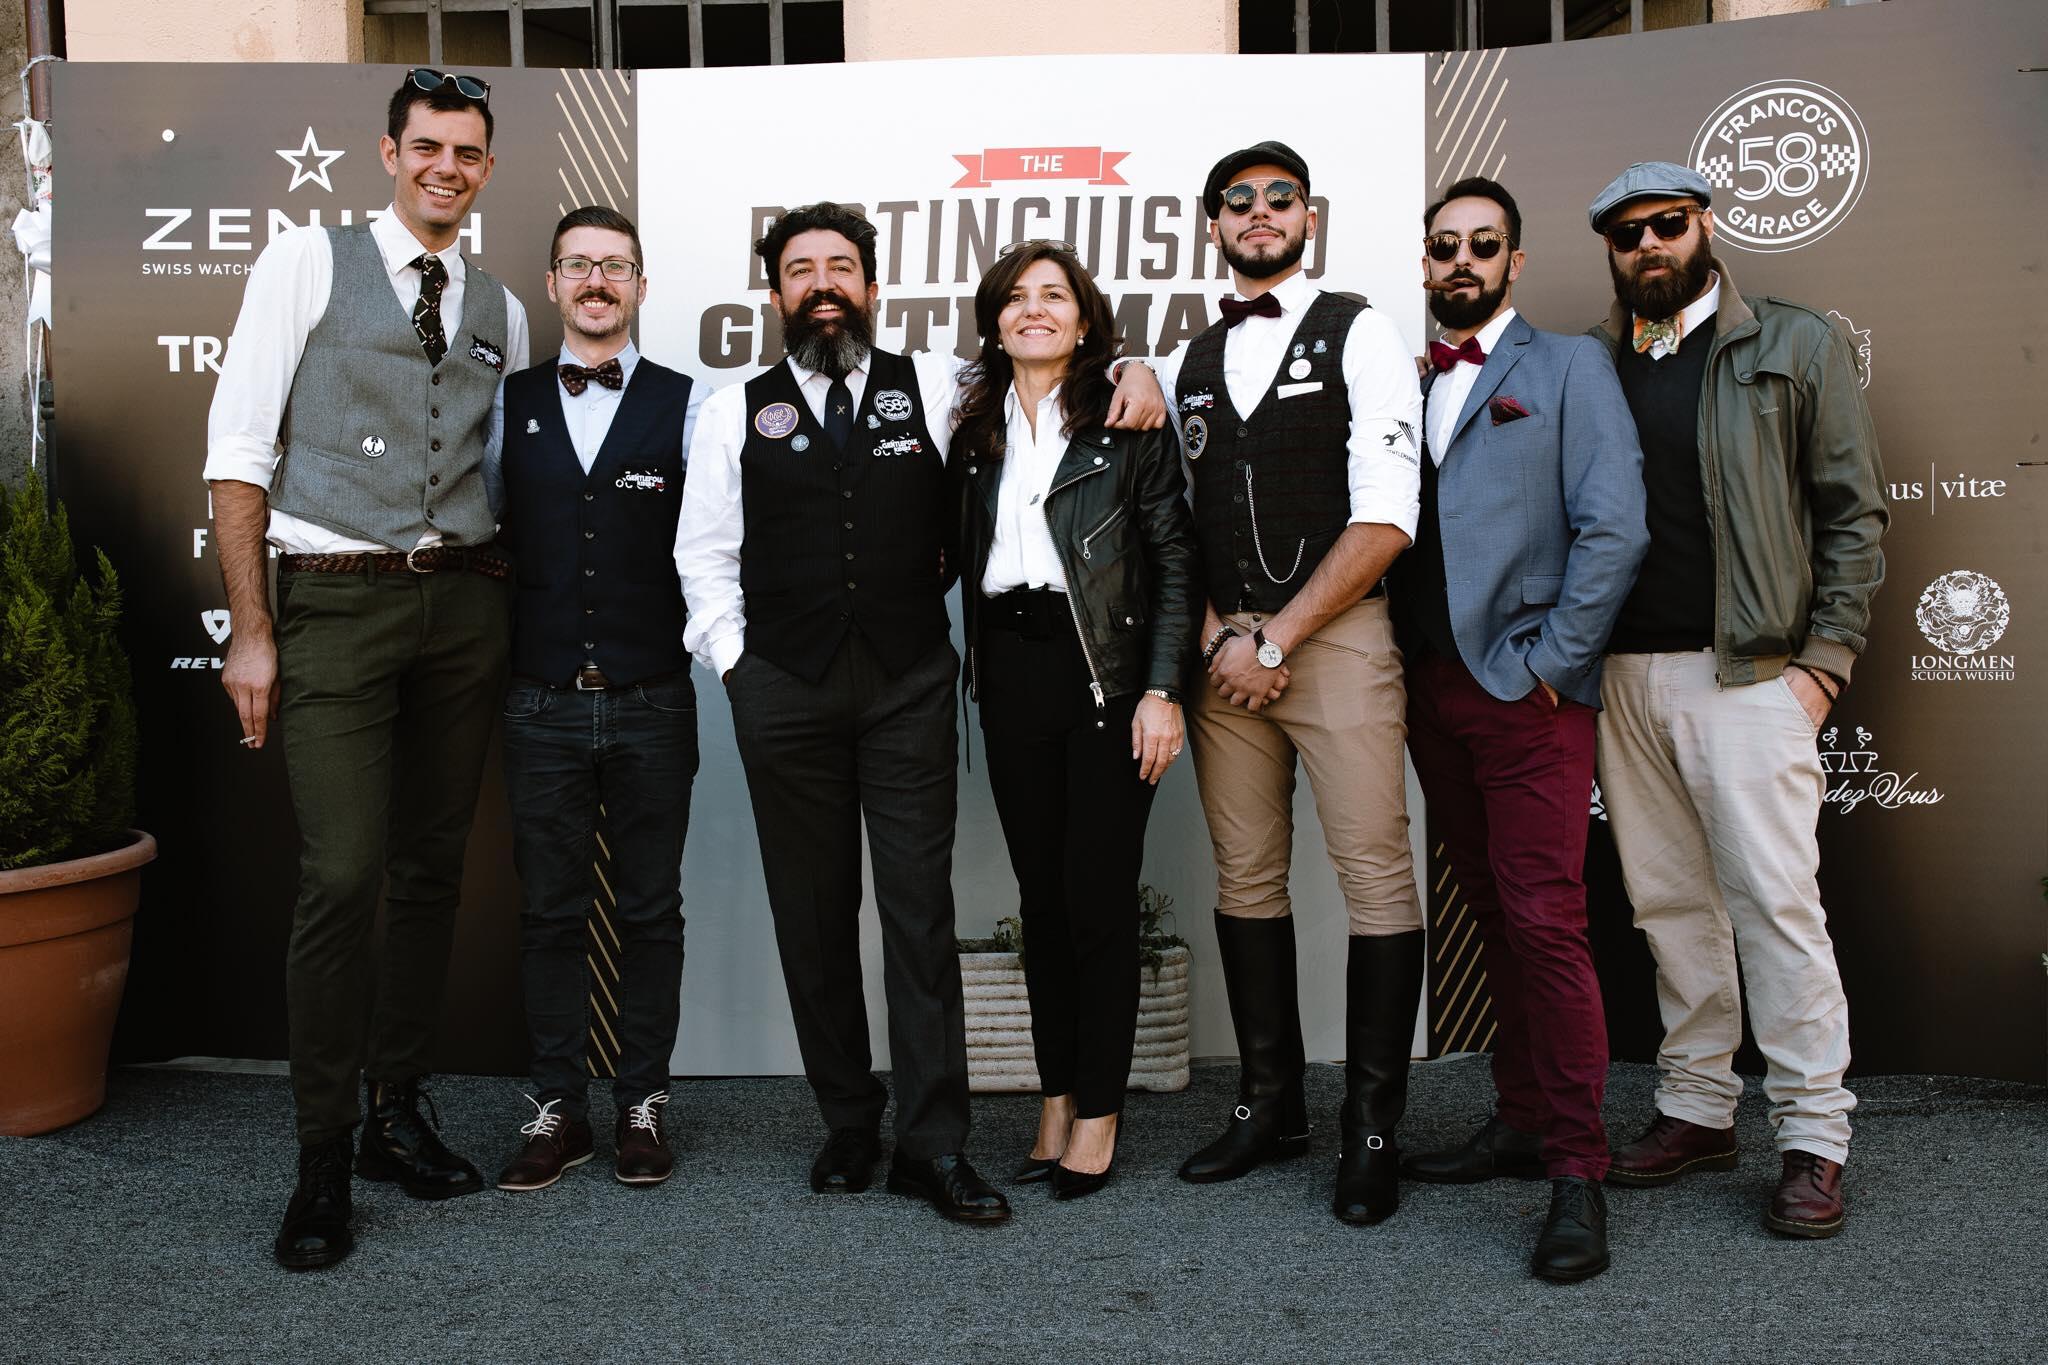 Marco Lucci, Marco Turrioni, Franco Mazzalupi, Andrea Fratoni, Eduardo Tobia e Giordano Torreggiani. (Foto di ...)